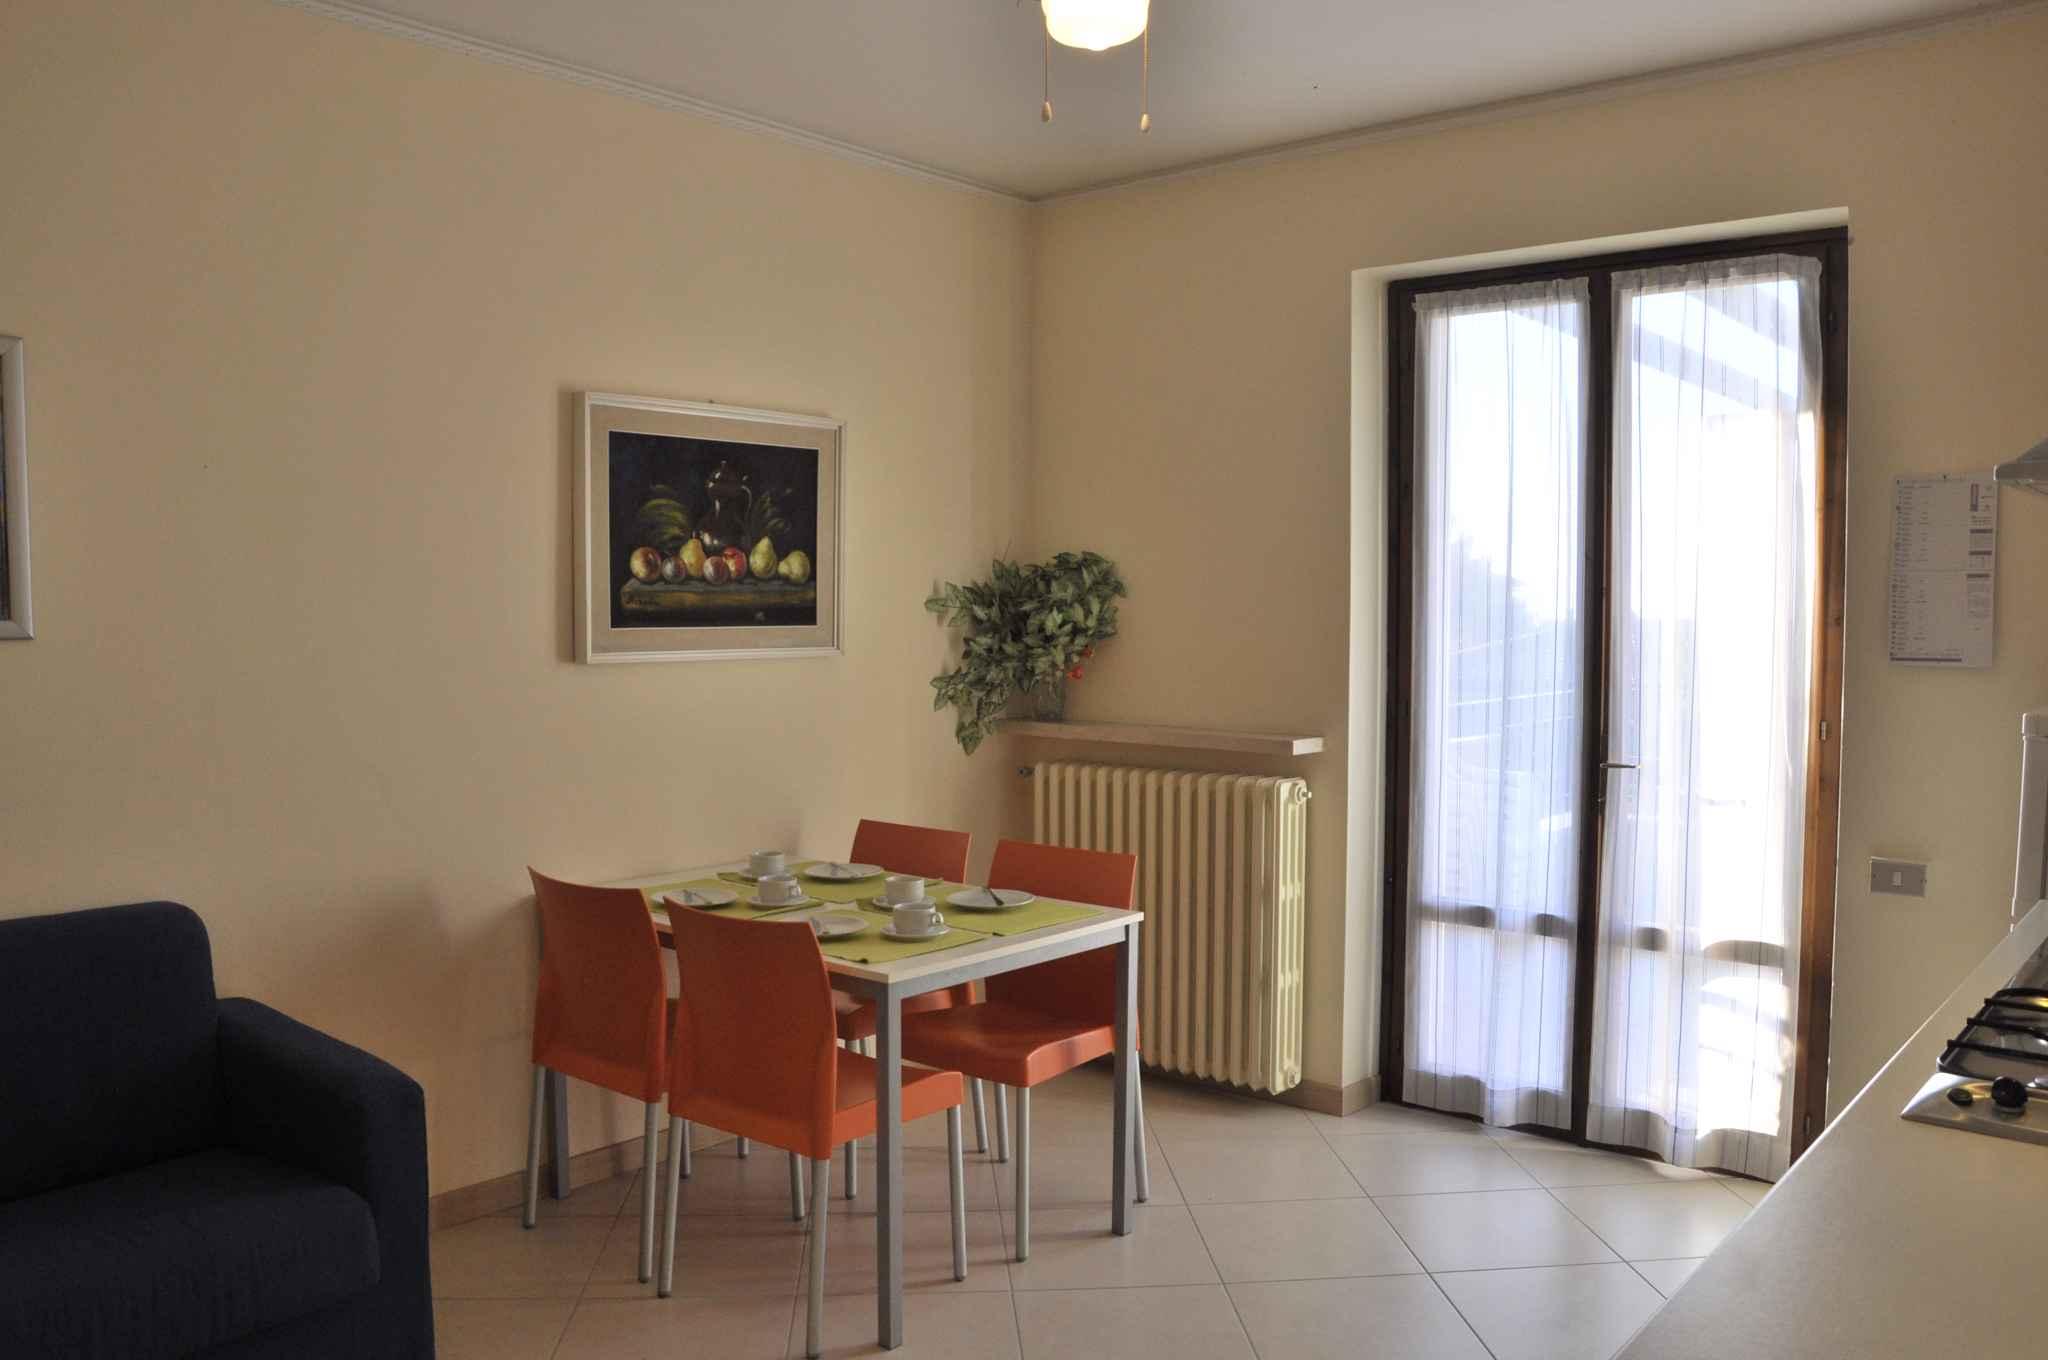 Ferienwohnung con balcone (480312), Lazise, Gardasee, Venetien, Italien, Bild 18